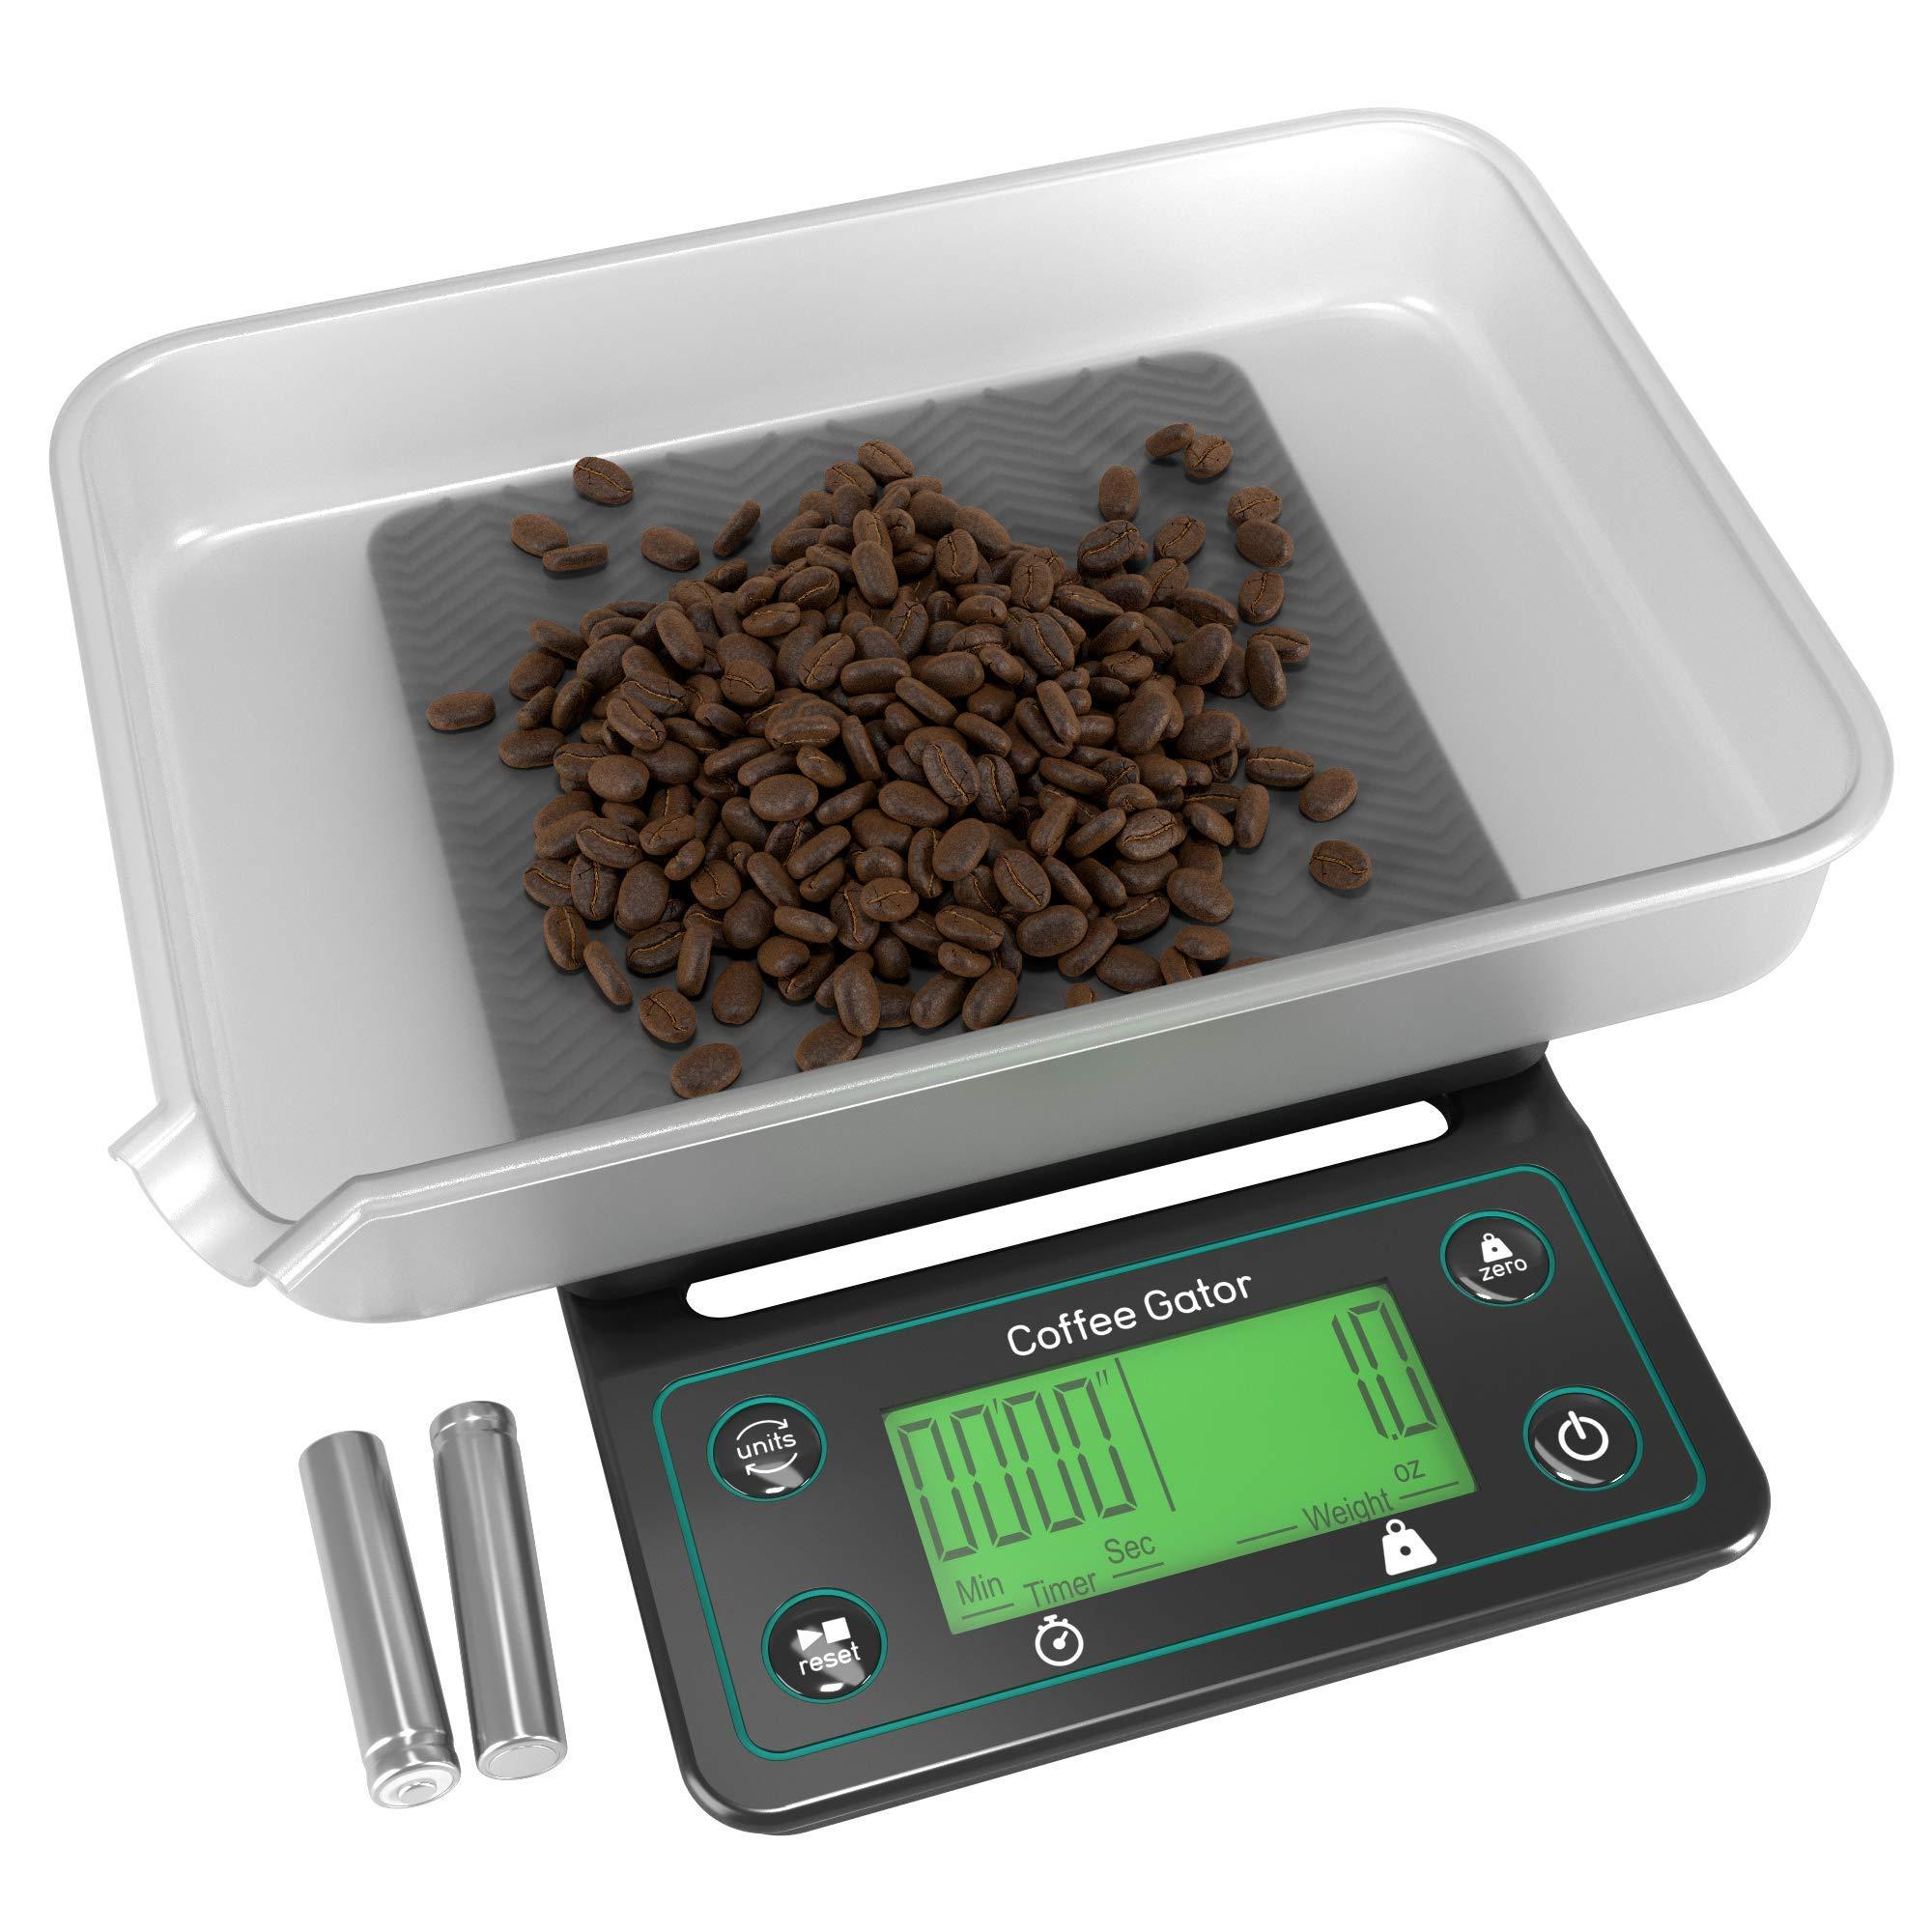 Coffee Gator Digital Scale Timer